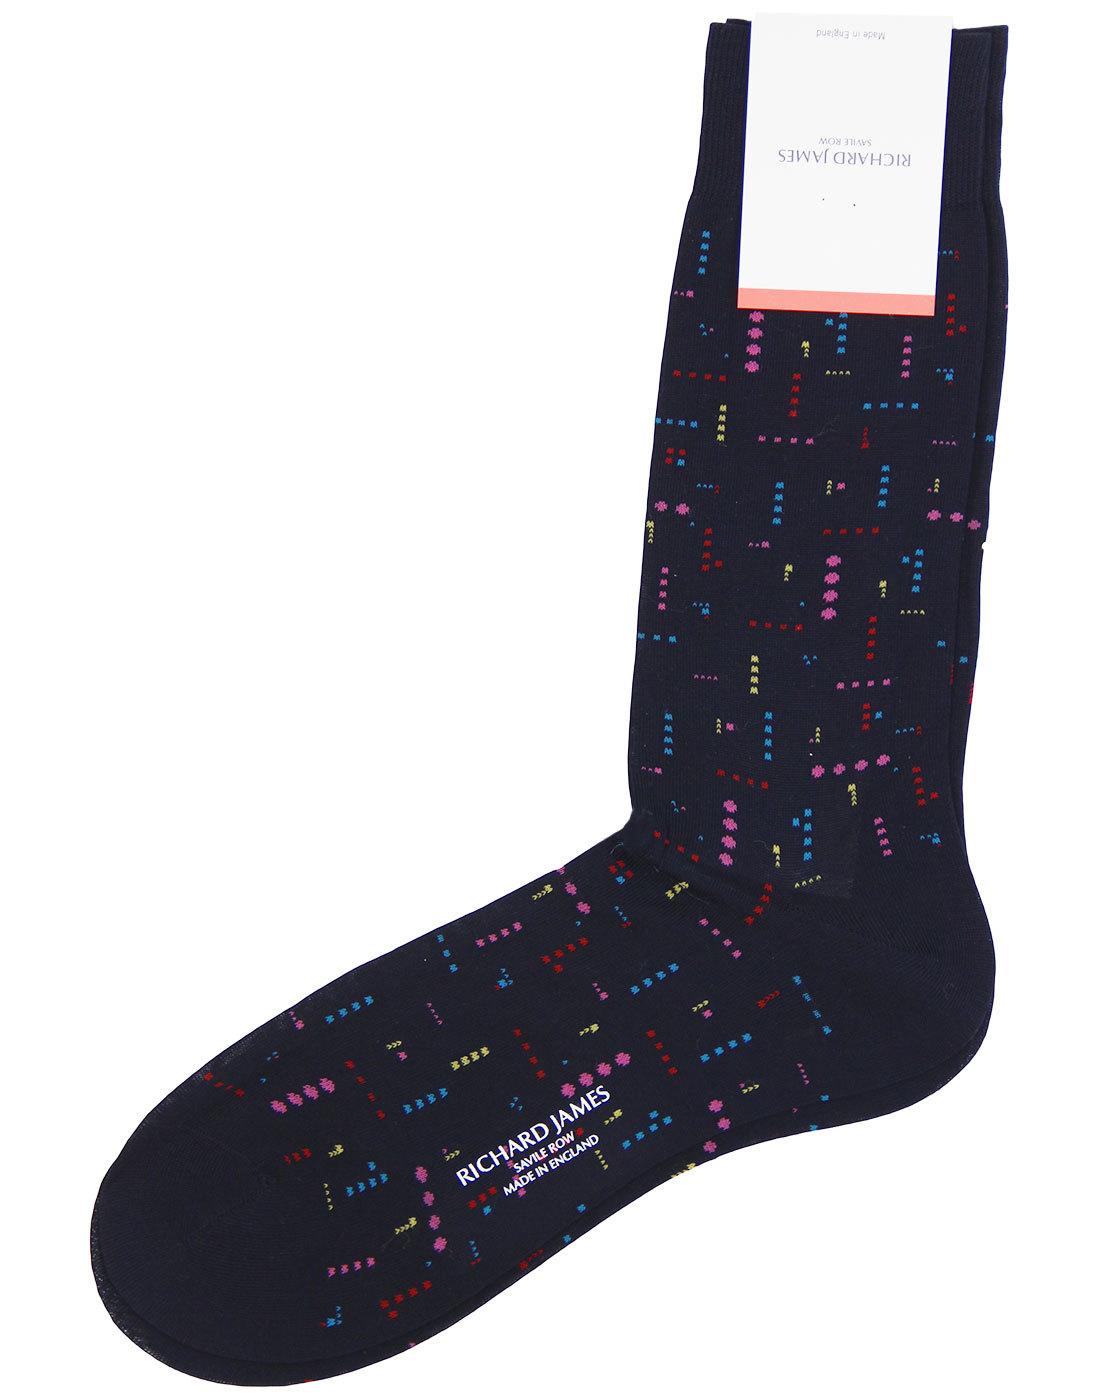 + Delirio RICHARD JAMES Retro 80s Micro Dash Socks